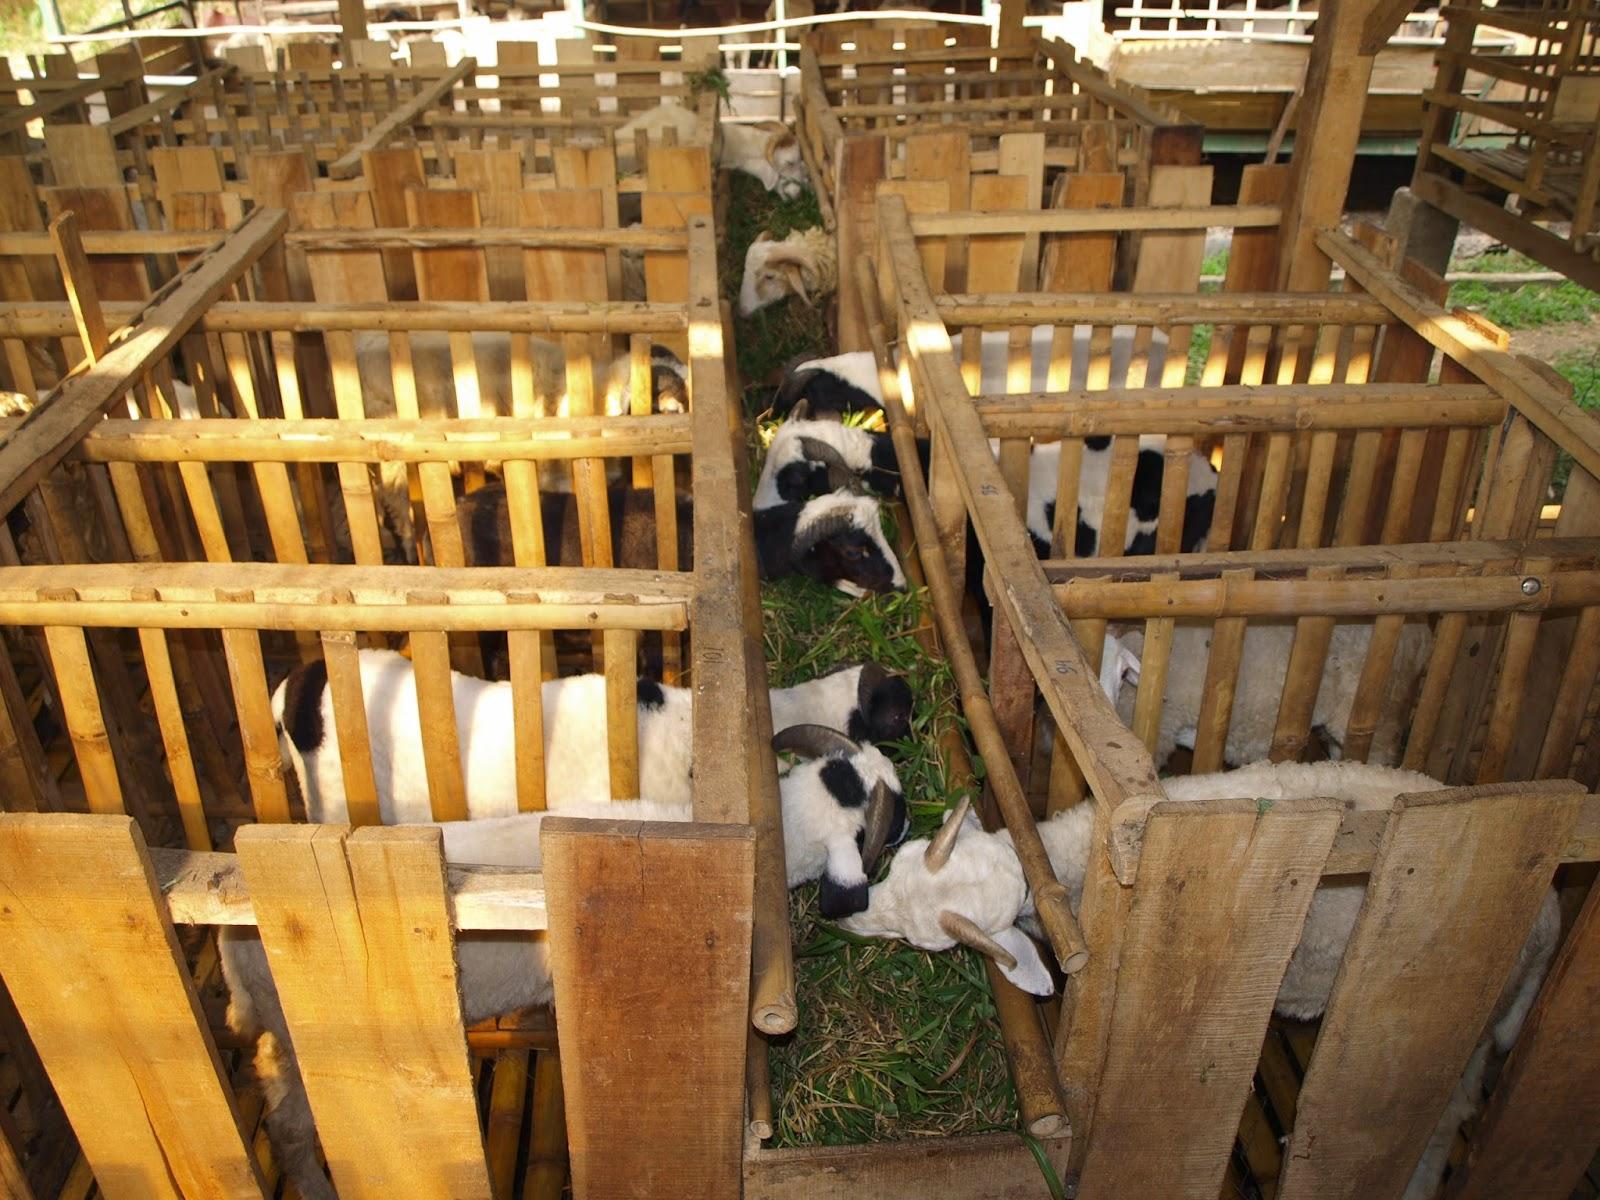 Cara Penggemukan Ternak Kambing, Cara Termudah Dan Simple